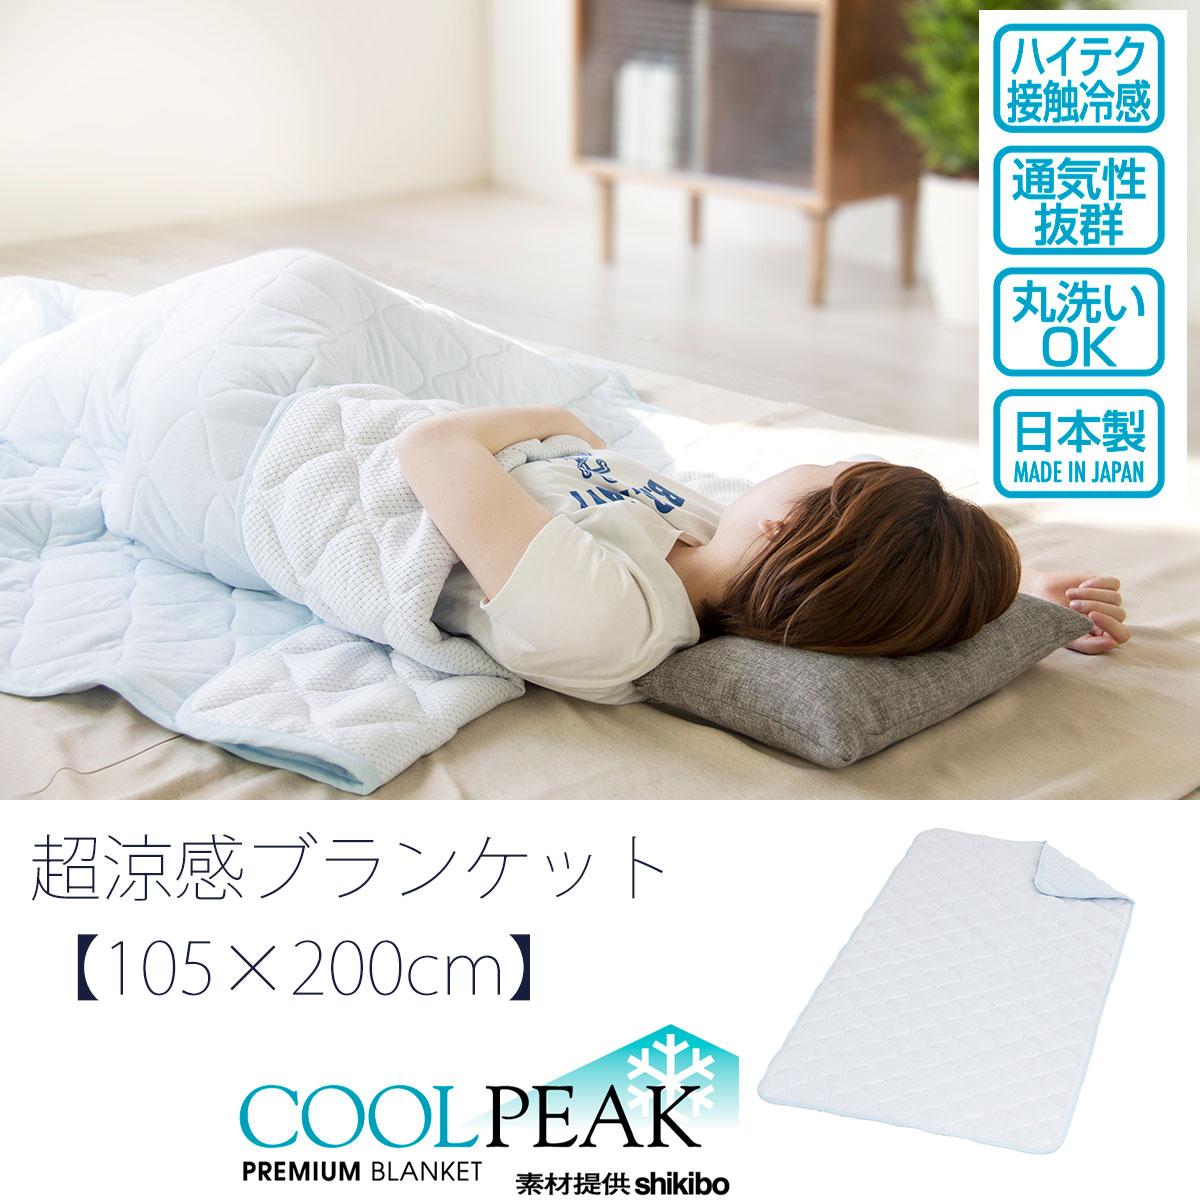 冷えてます 超涼感ブランケット 接触冷感 通気性抜群 105×200cm! 丸洗いOK 日本製 GLS-380